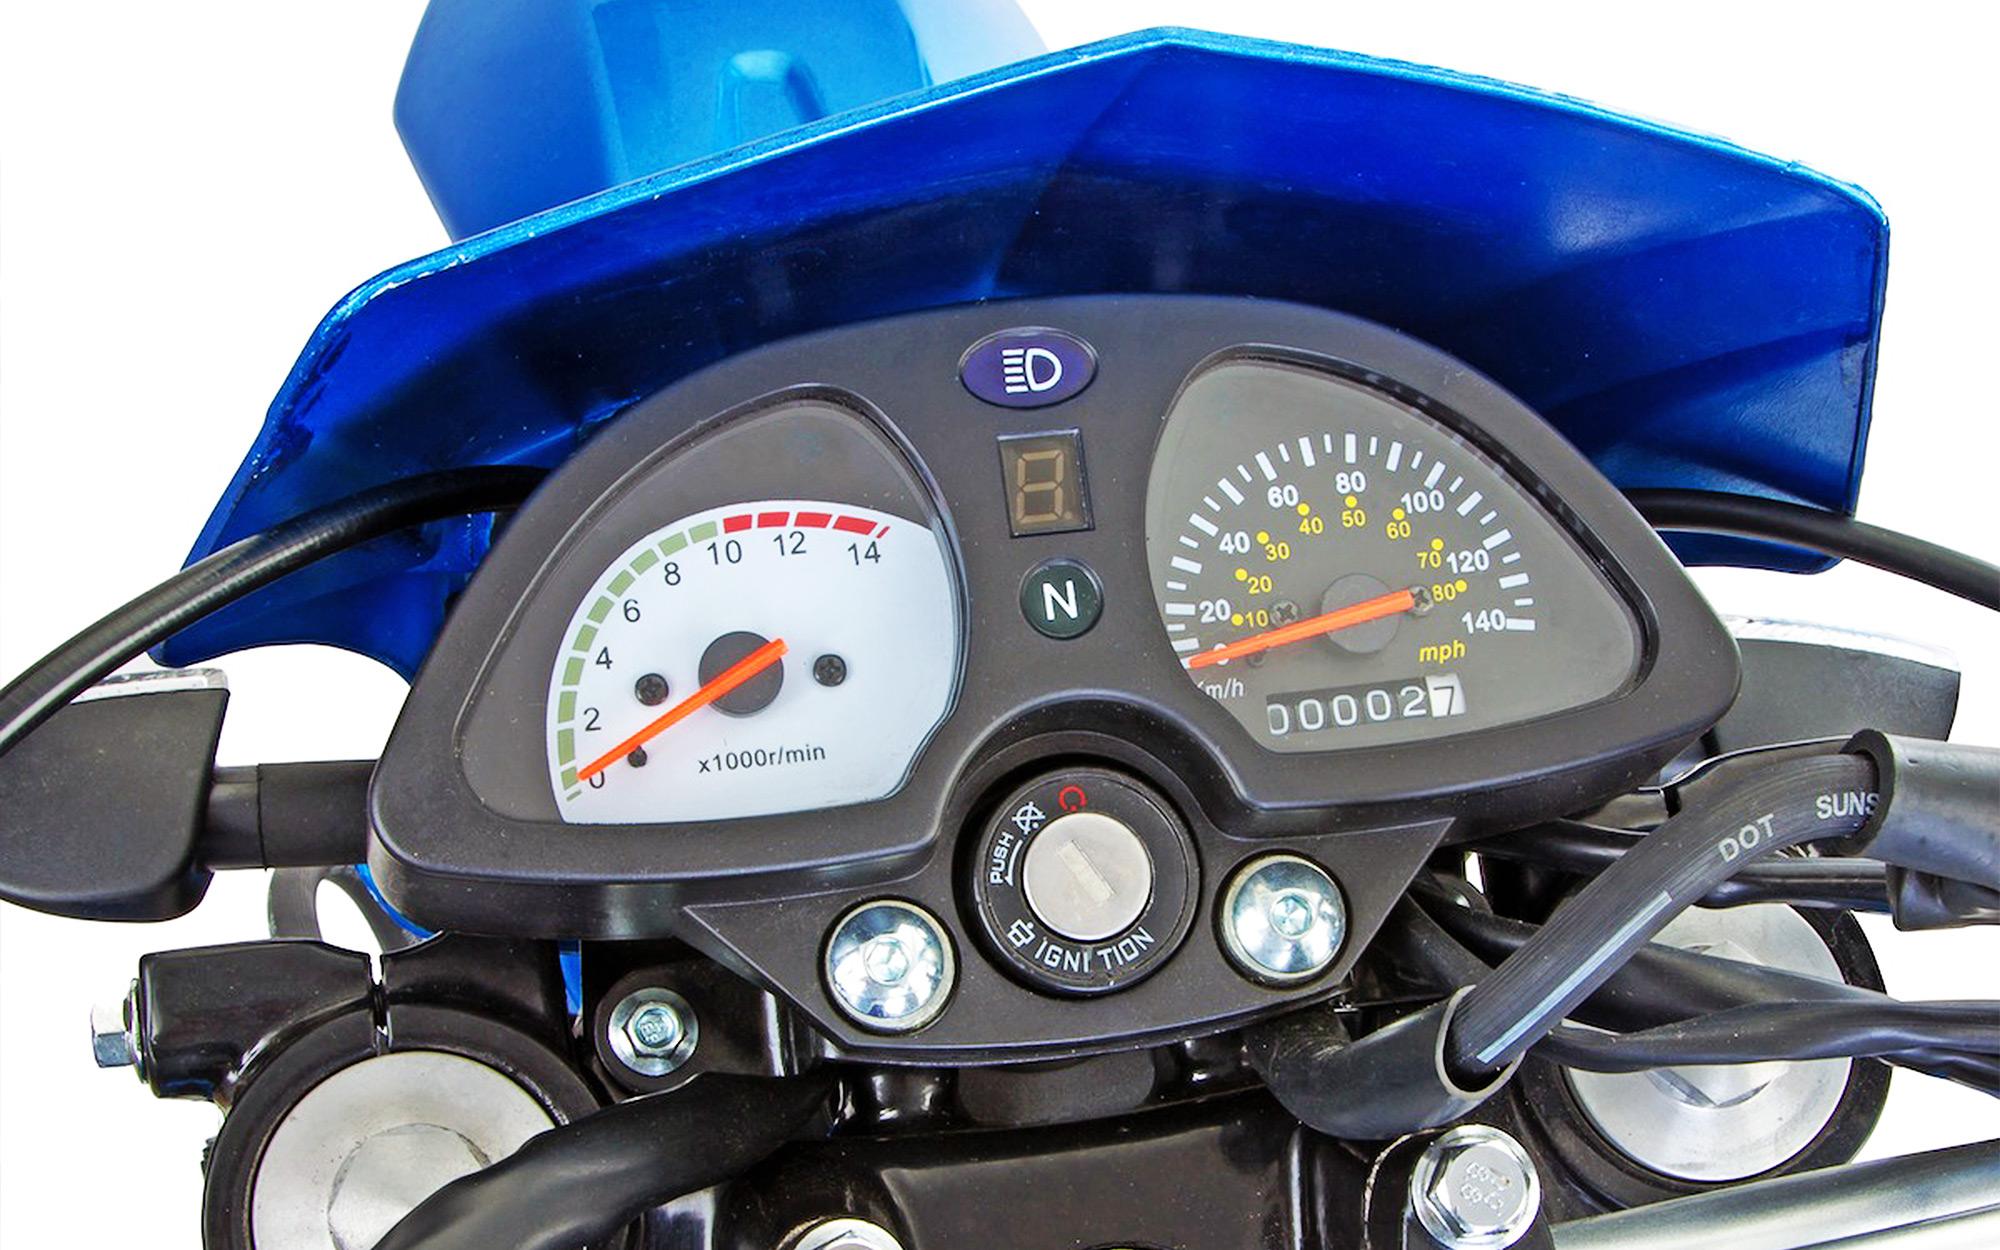 мотоцикл барс 250 руководство